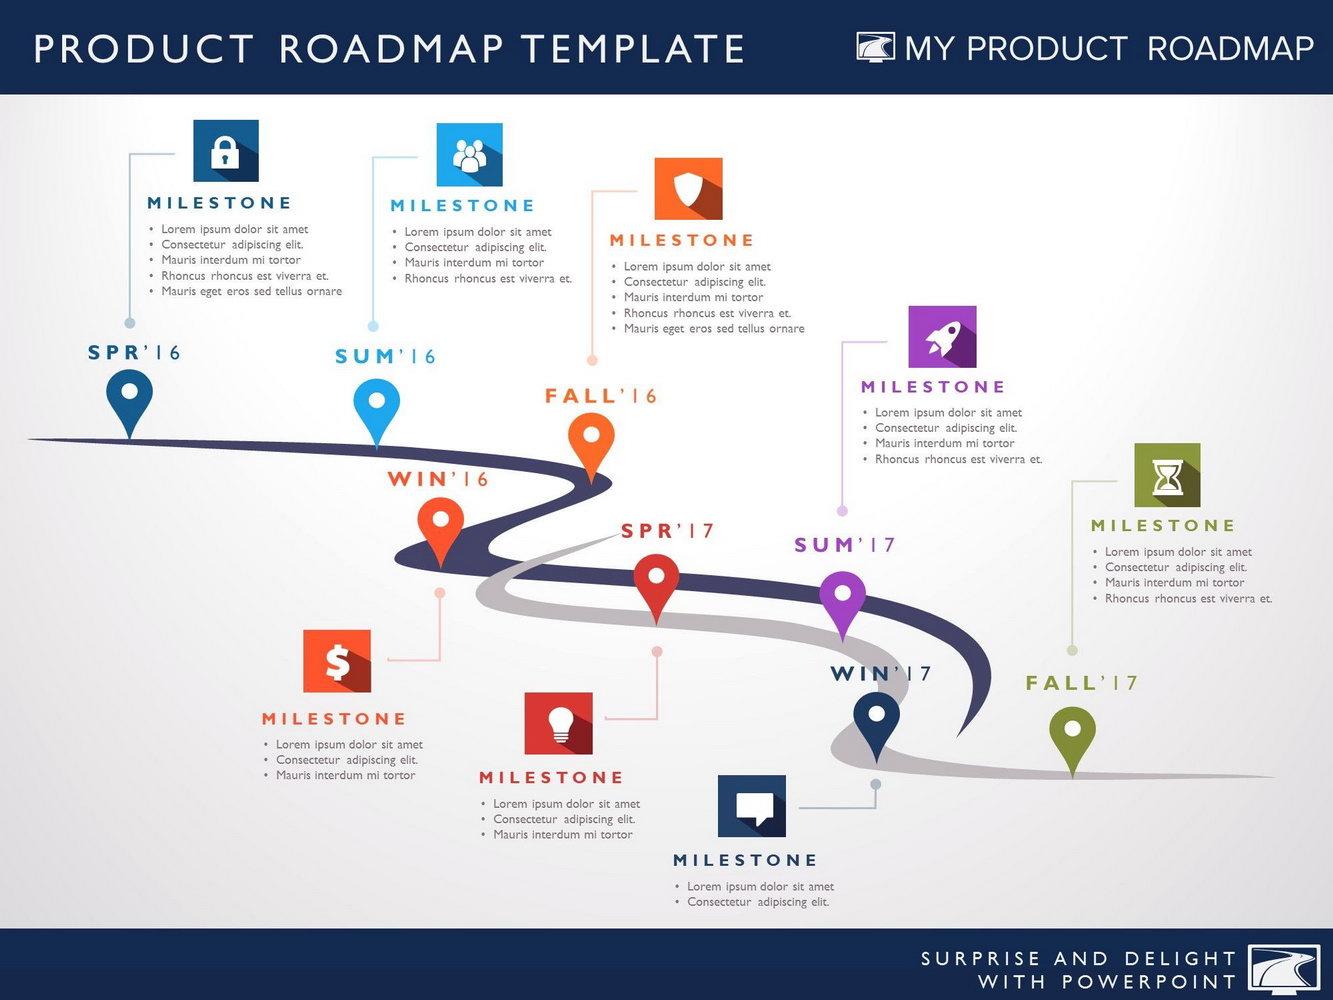 Roadmap Template Powerpoint Free